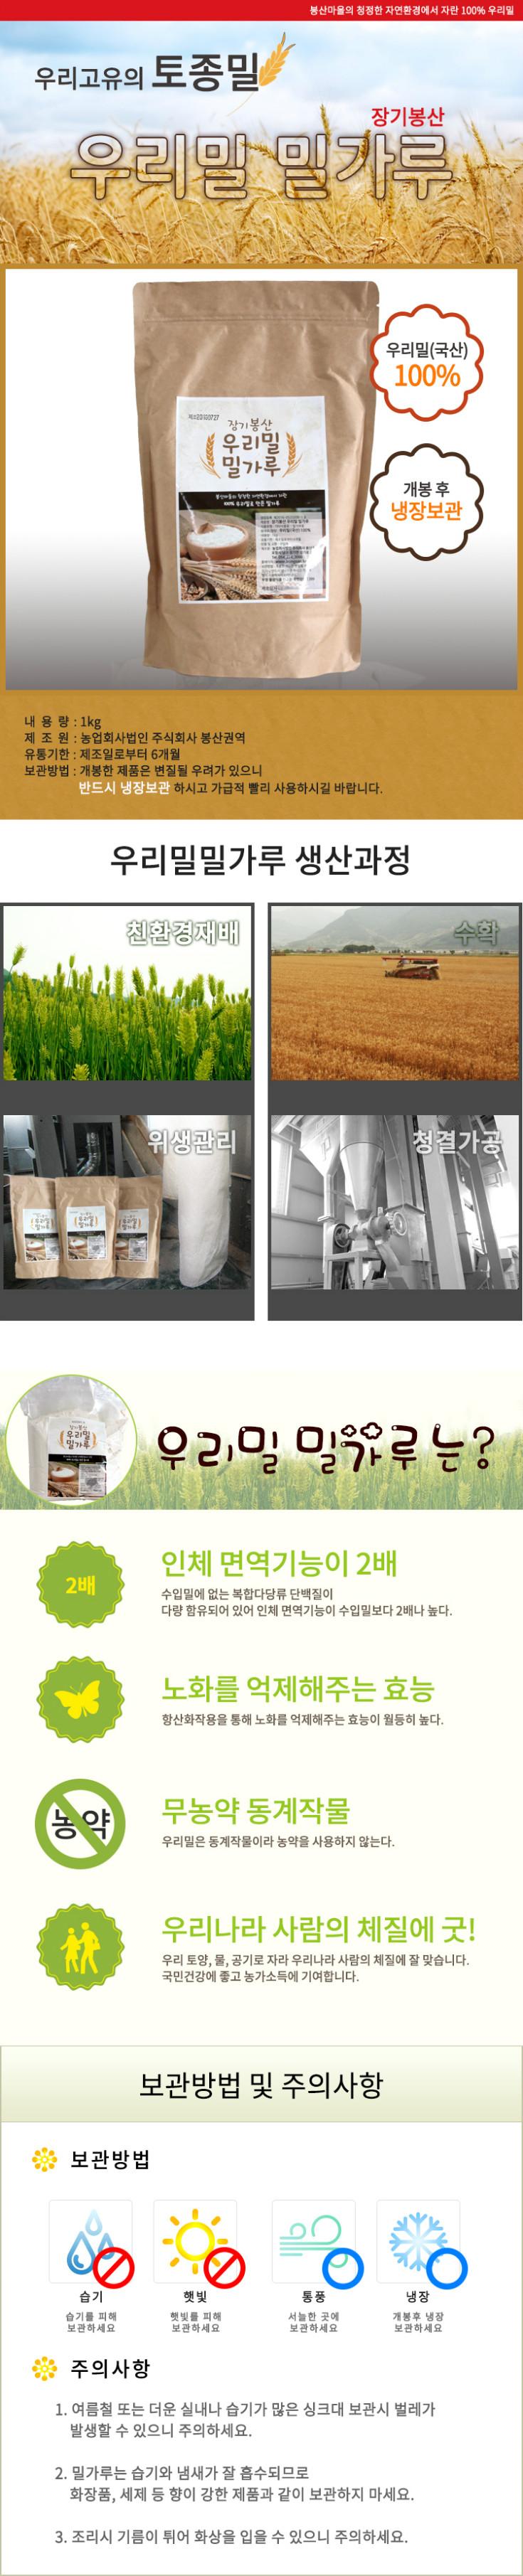 우리밀밀가루상세_1kg.jpg